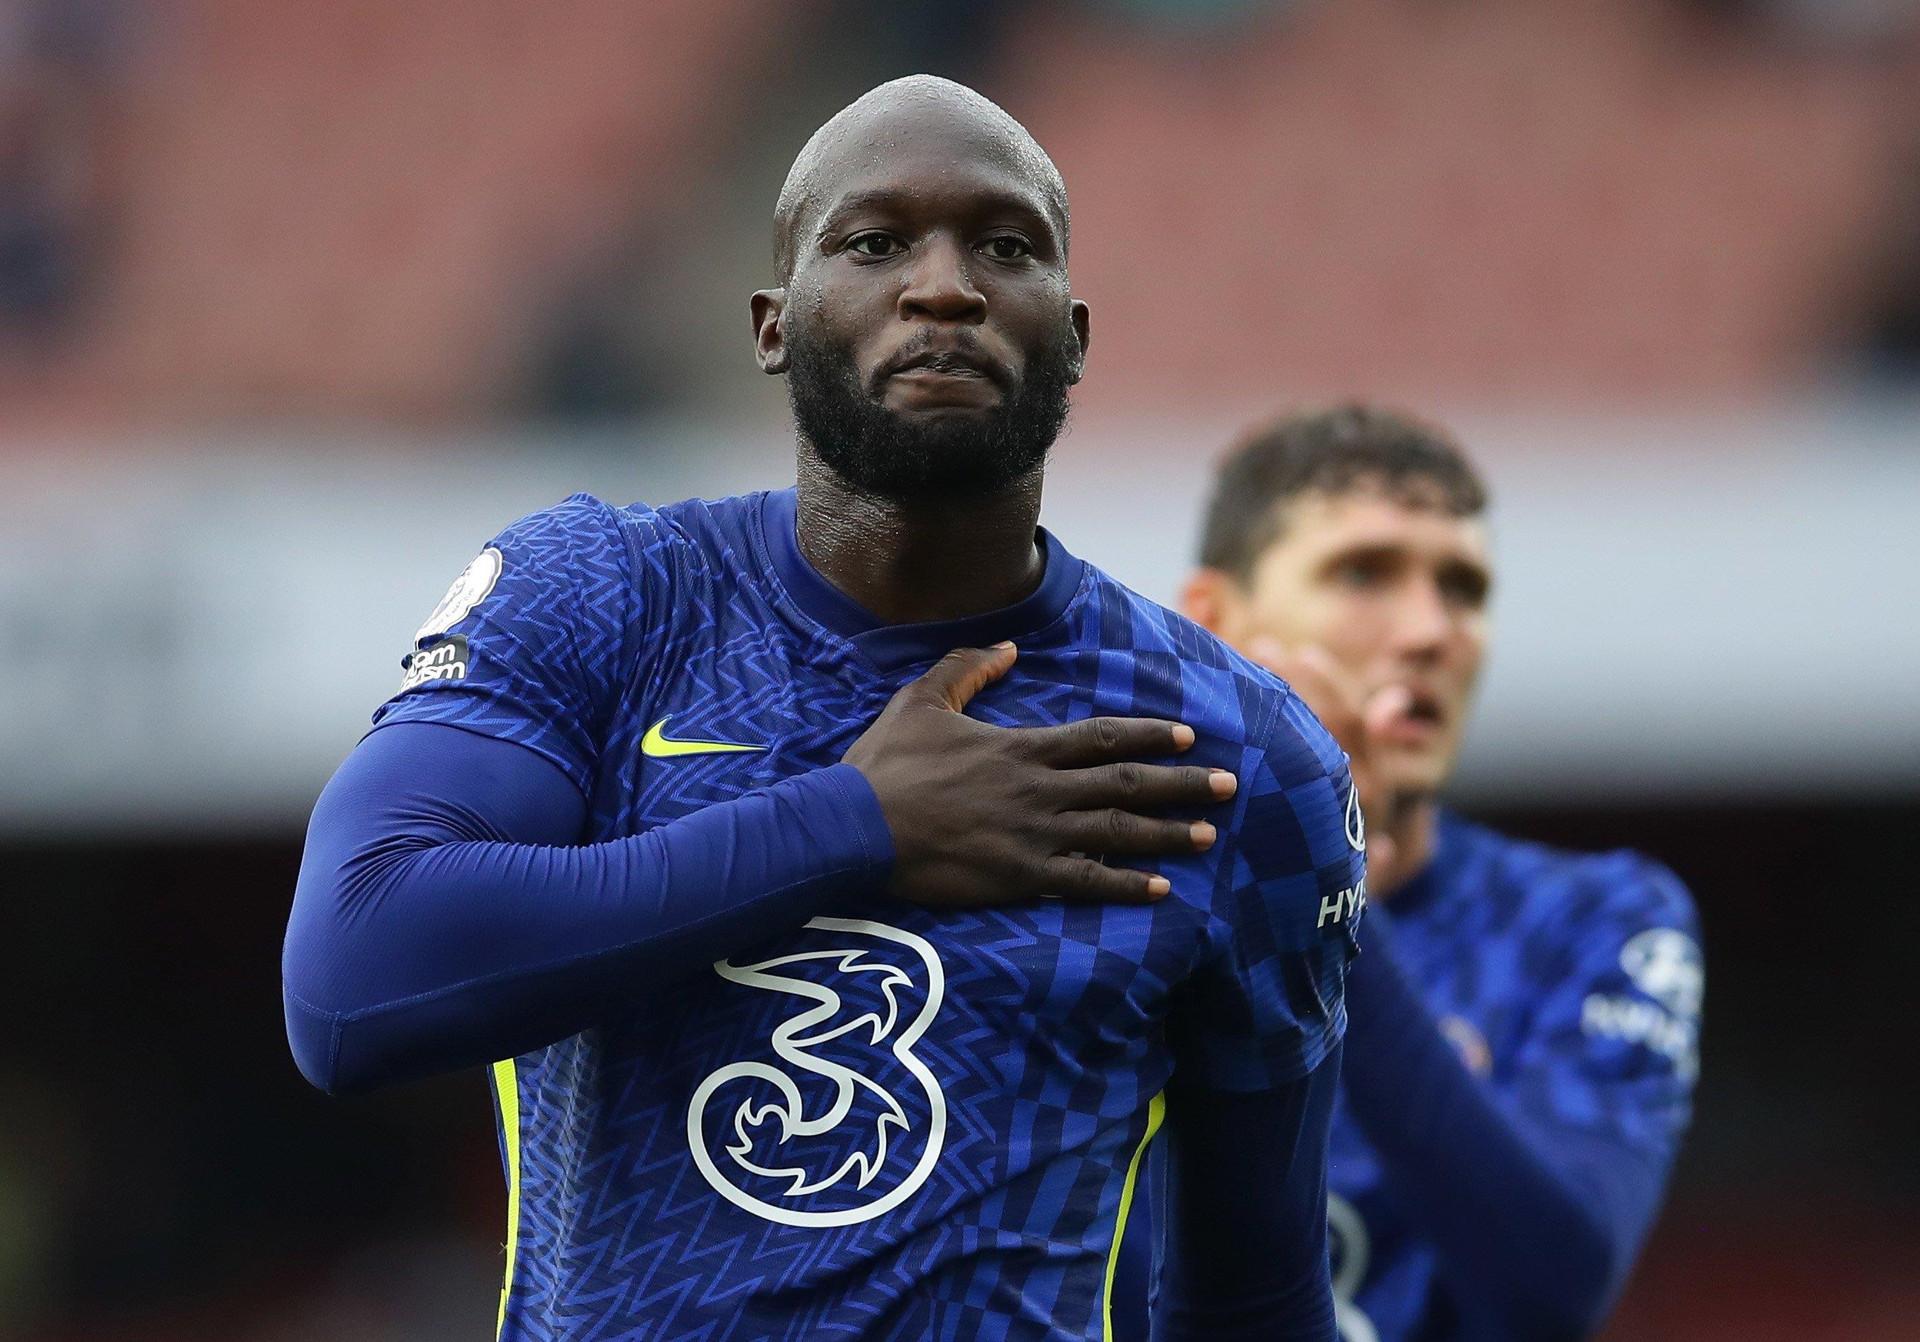 Nhận định bóng đá Chelsea vs Aston Villa vòng 4 Ngoại Hạng Anh - 1